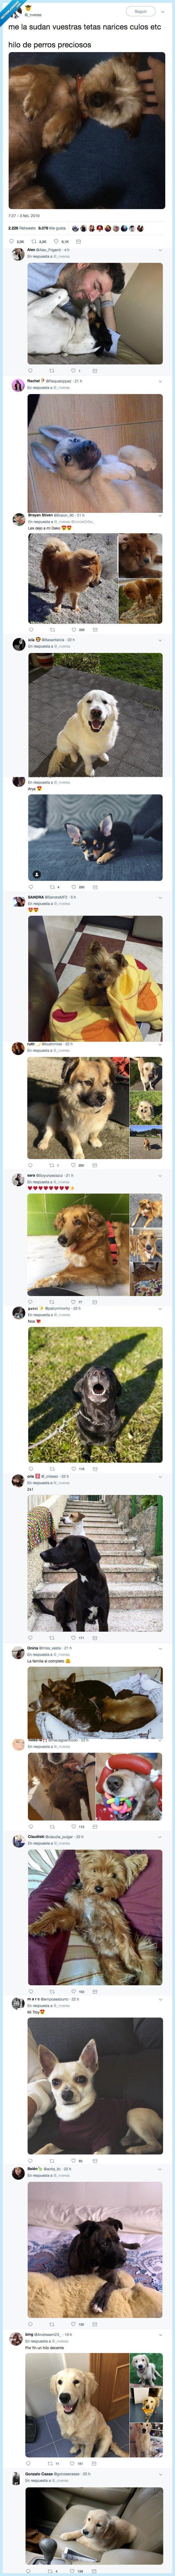 alegrar,cachorro,día,perretes,perros